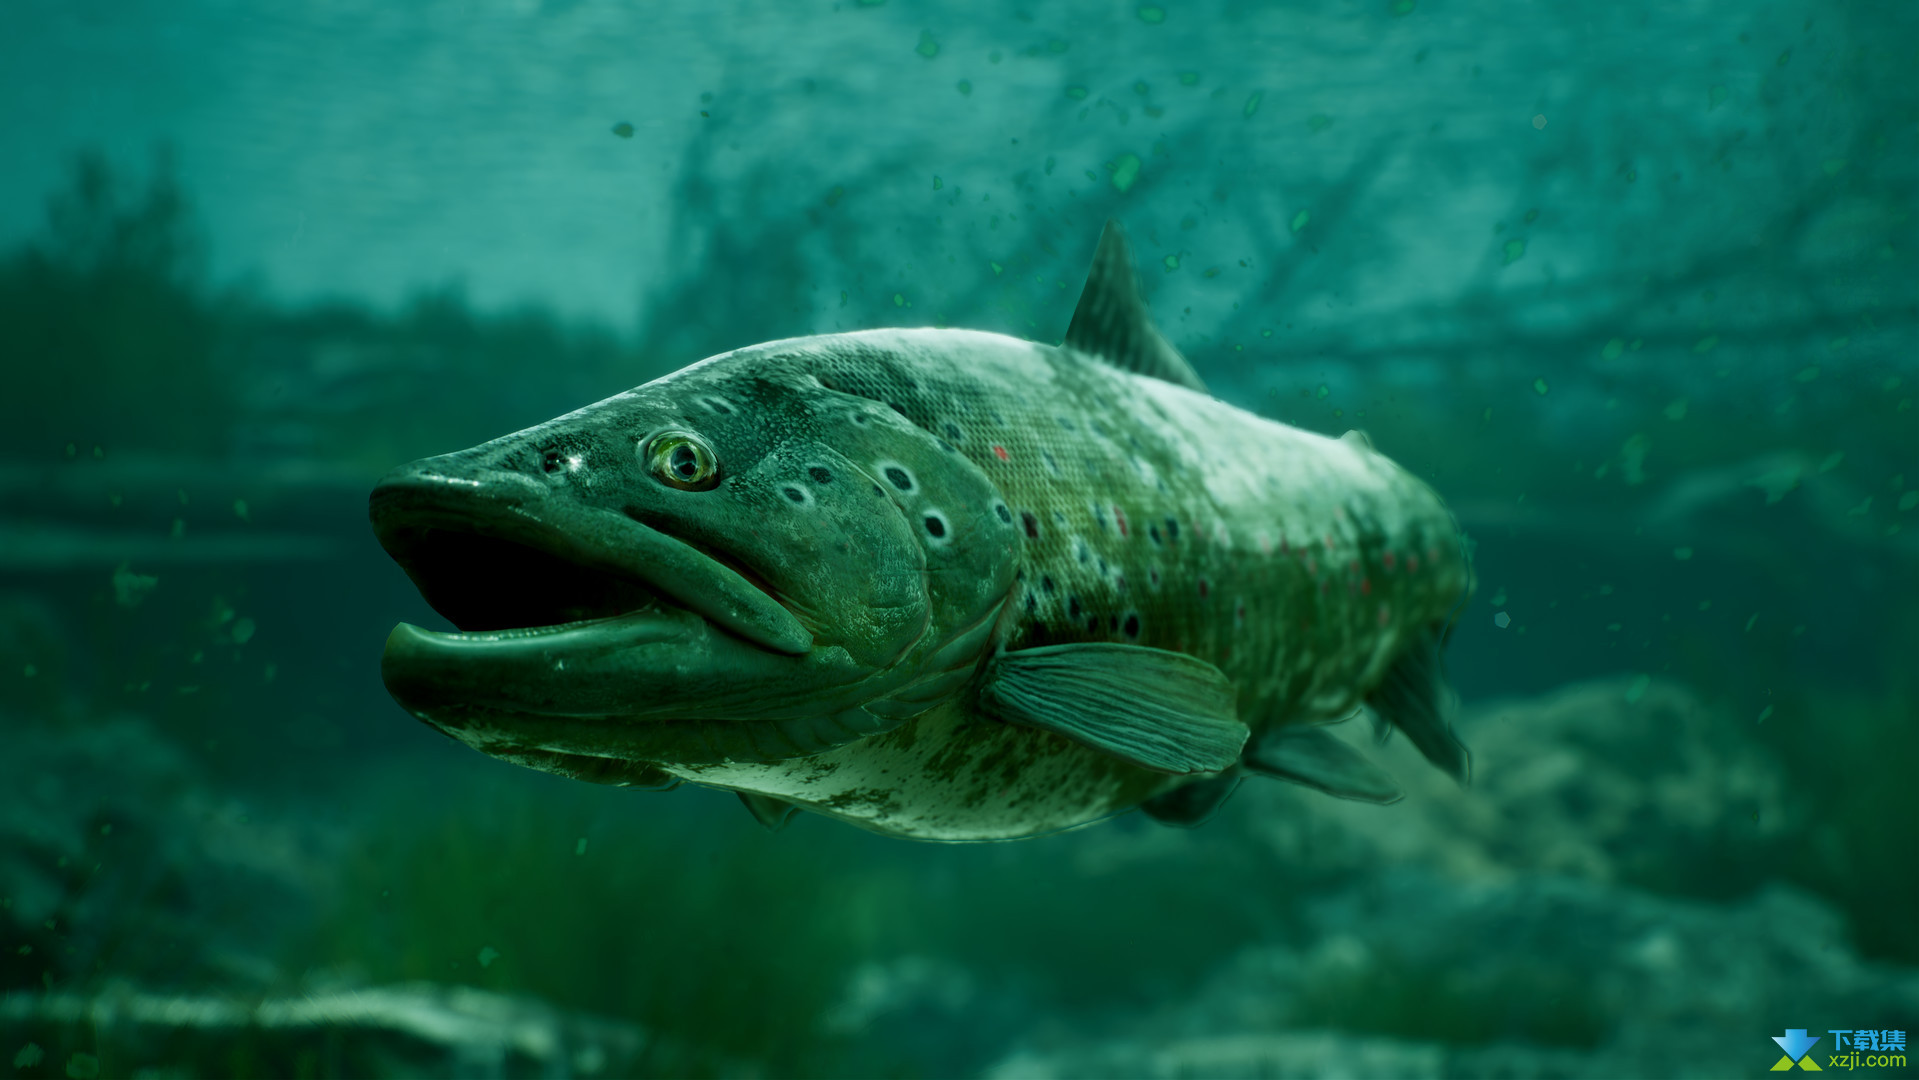 捕获物鲤鱼和大鱼界面3